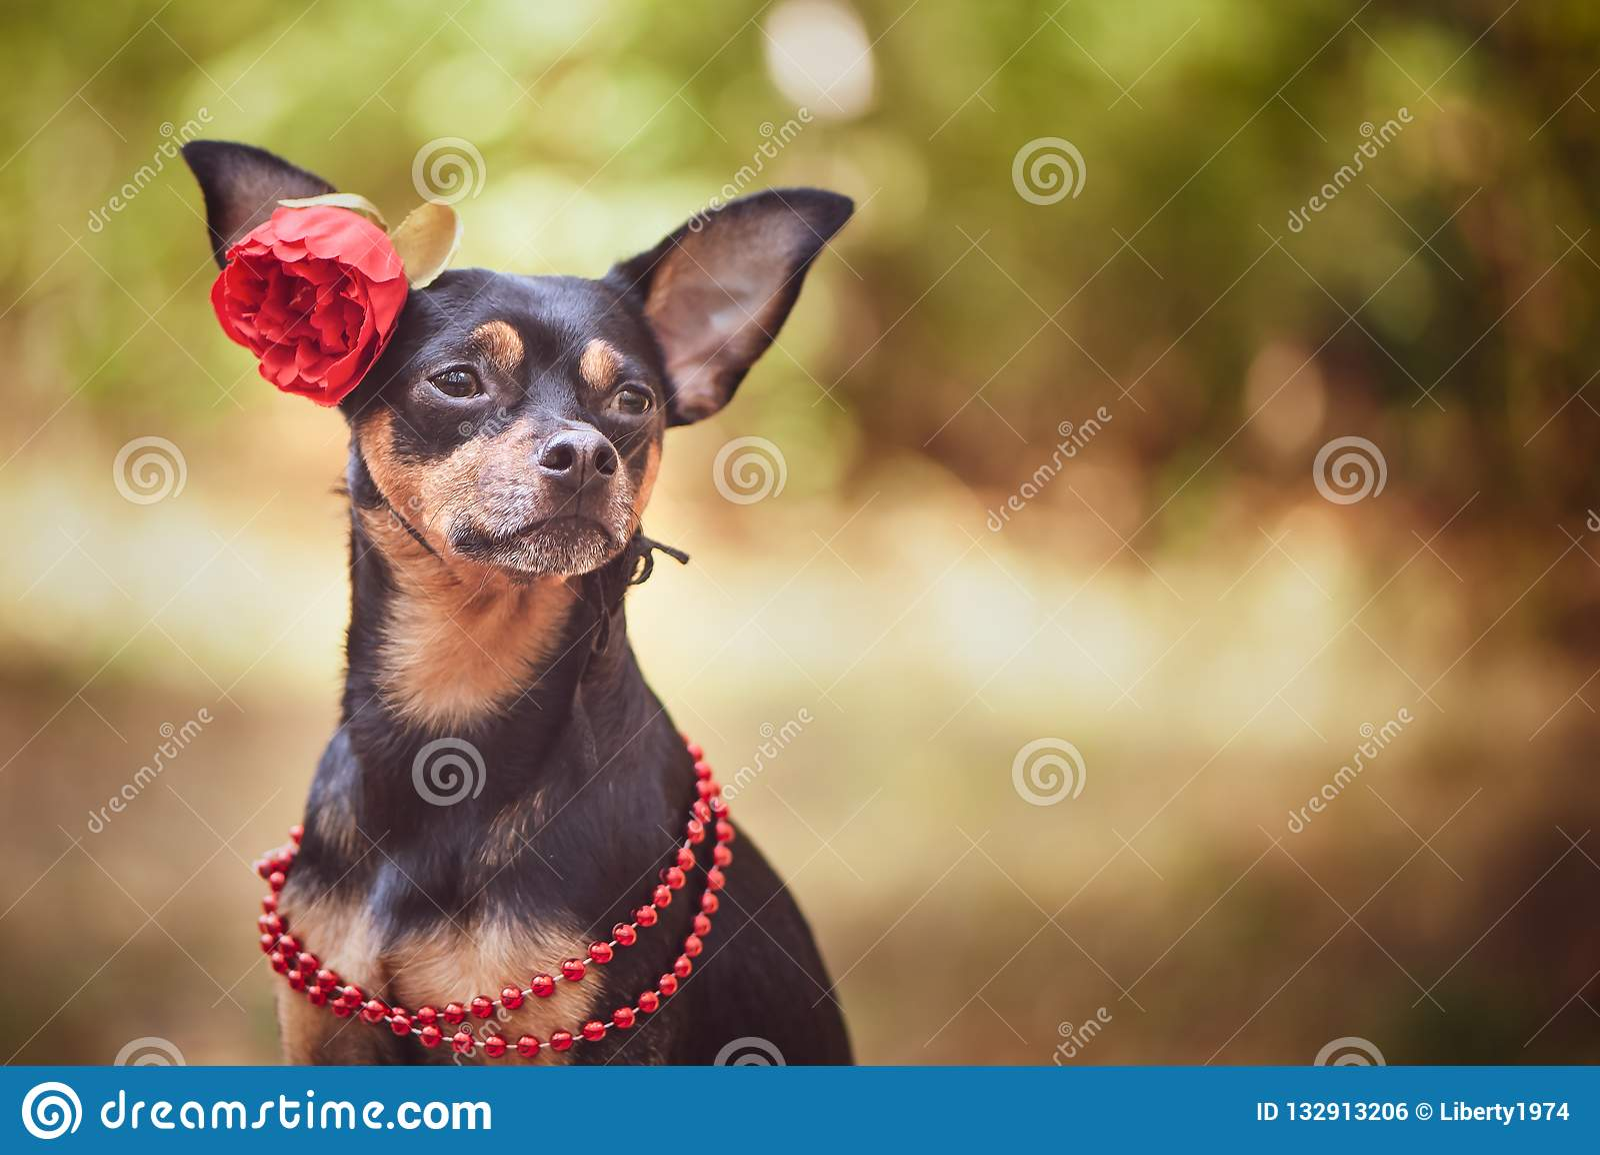 Schöner Hund, ein Welpe in a in einem Blumenkranz, der auf einer Rückseite sitzt